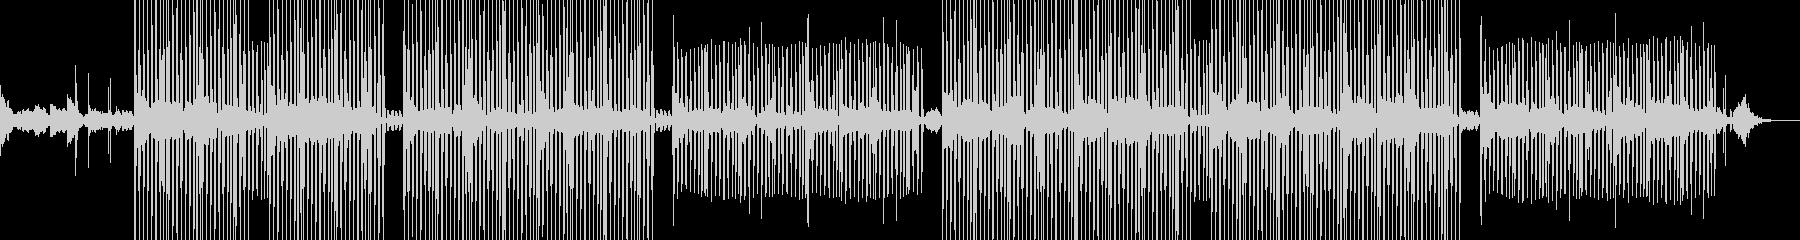 ヴォーグダンスに最適な音楽の未再生の波形